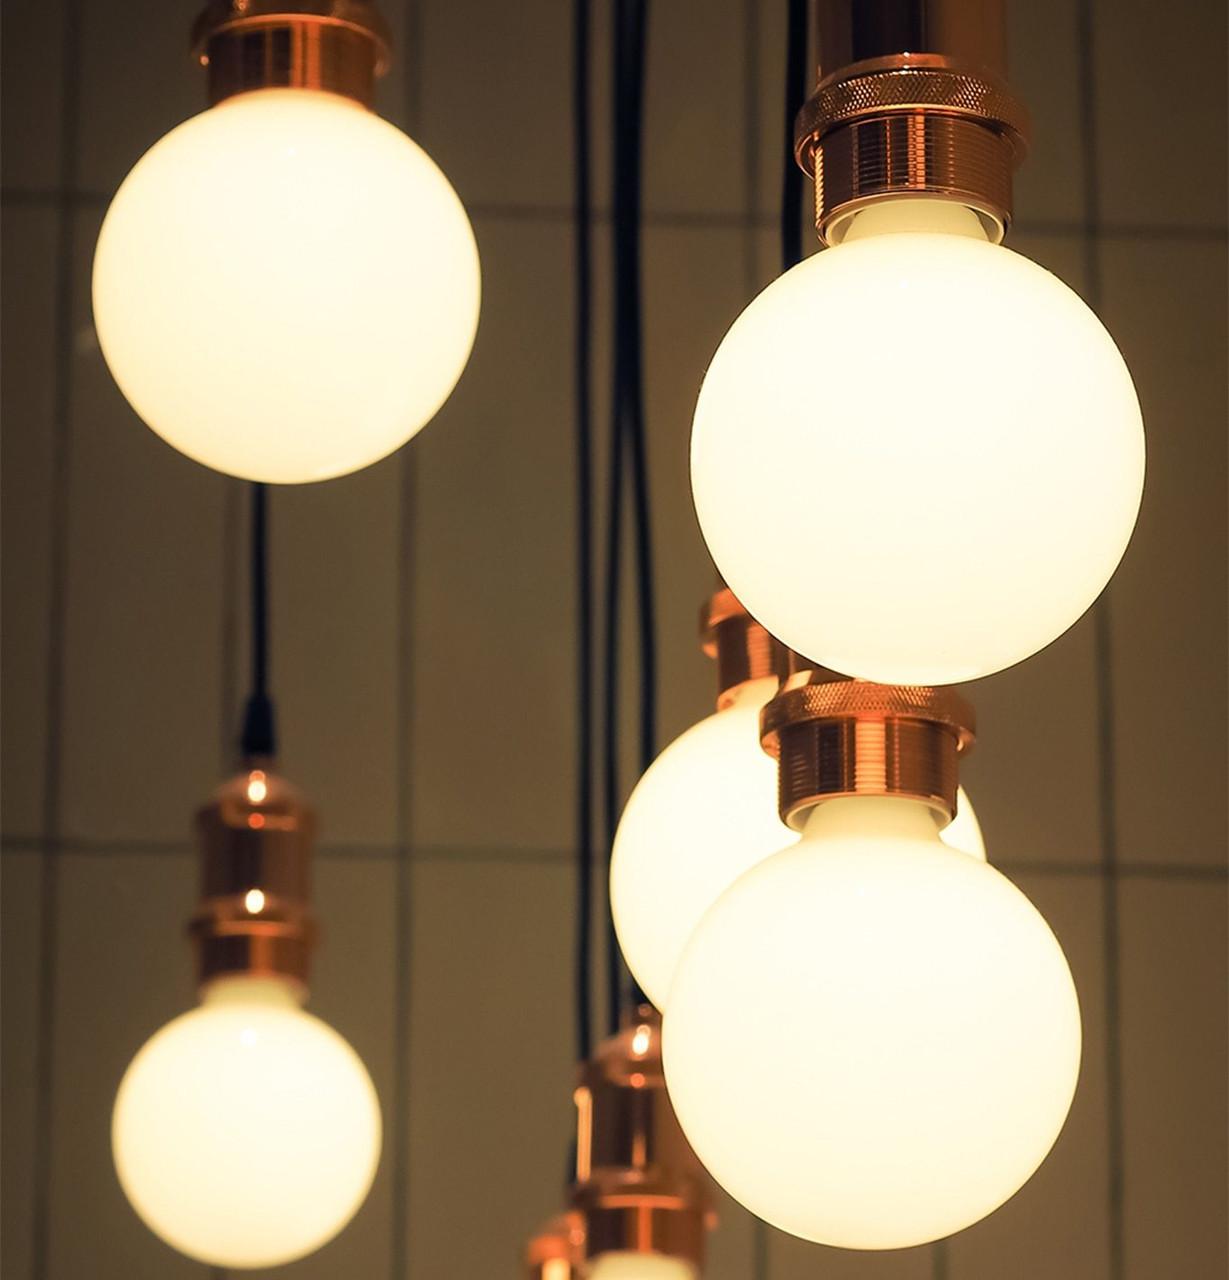 LED G95 BC Light Bulbs